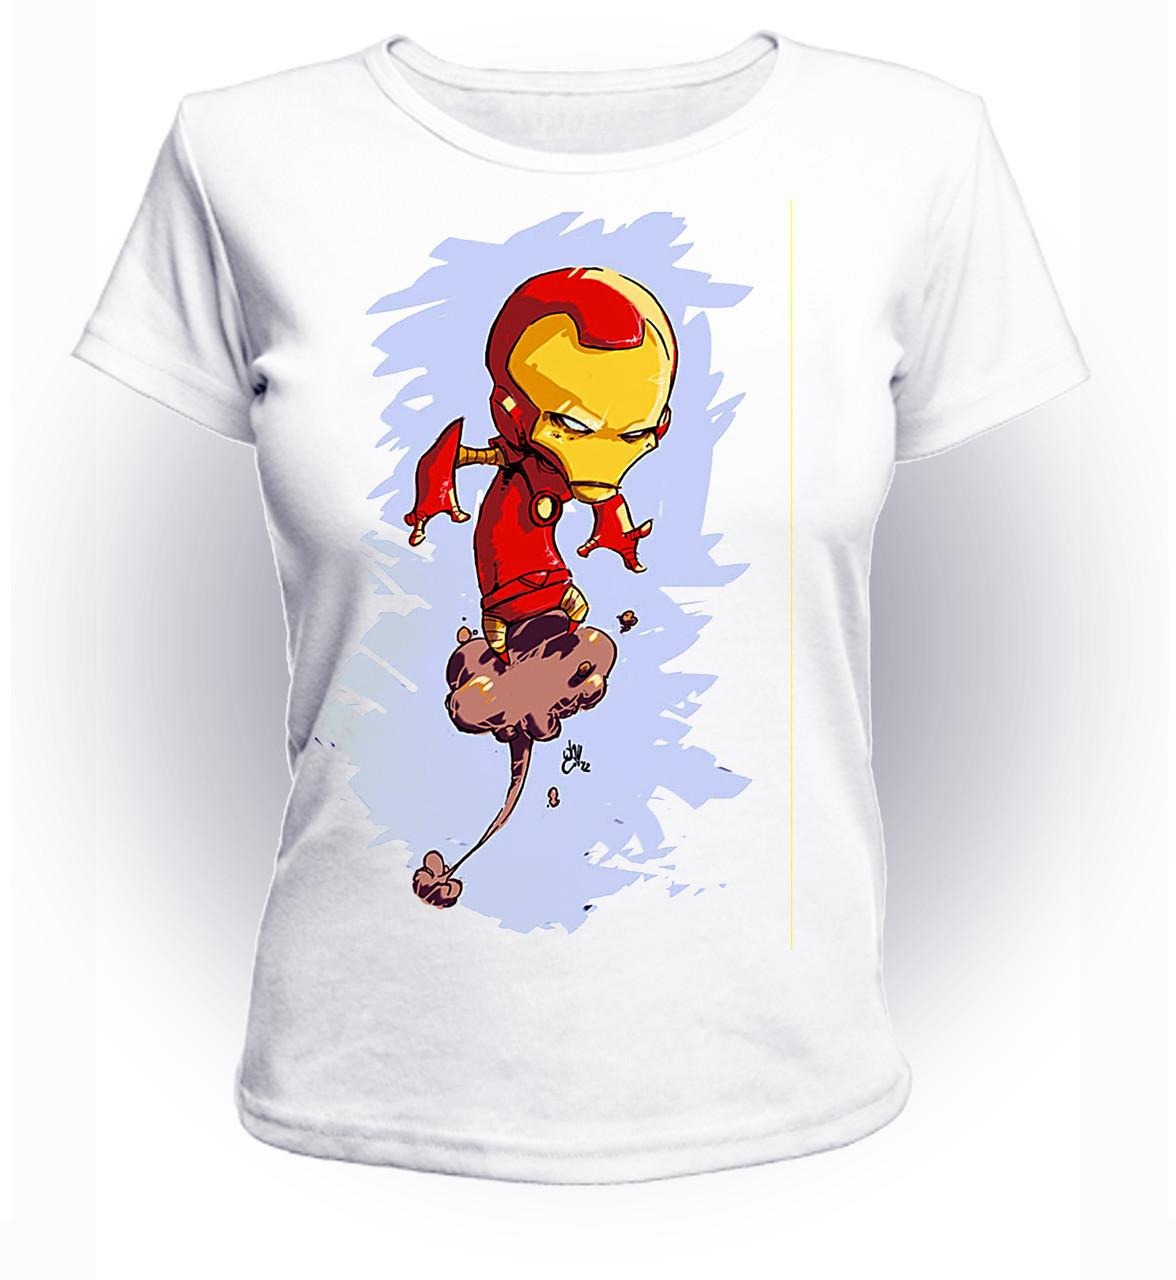 Футболка женская GeekLand Железный Человек Iron Man зарисовка art IM.01.040